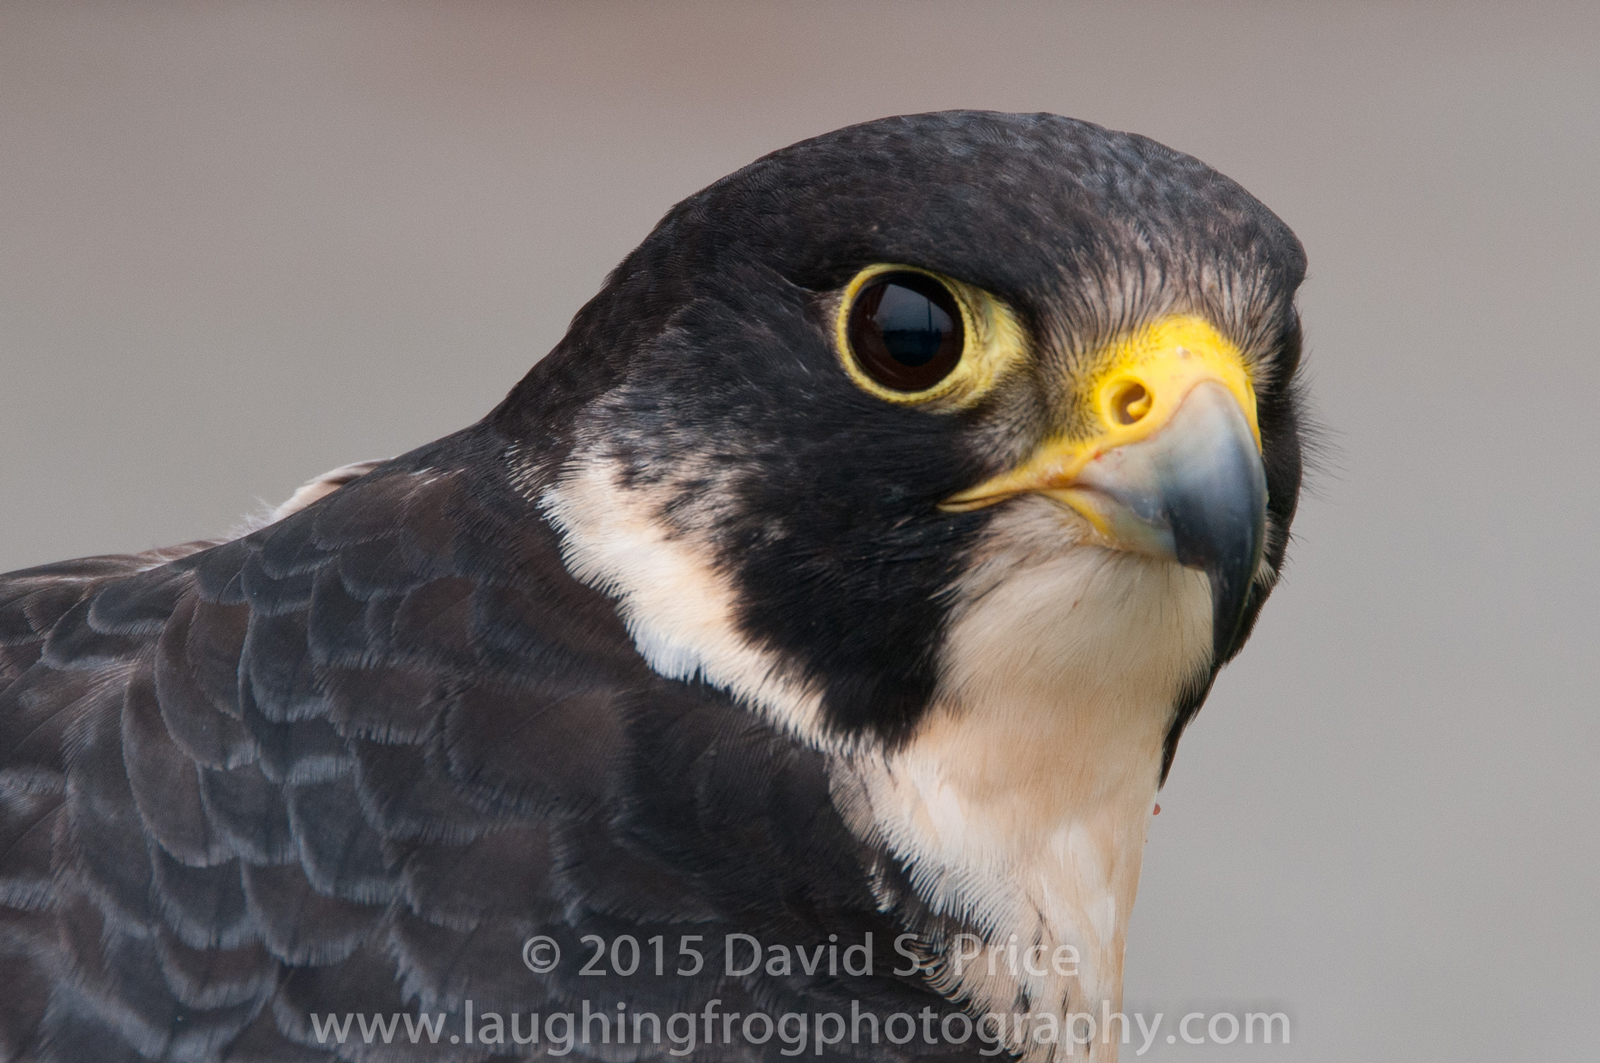 Peregrine Falcon, Humobldt, 2012 April